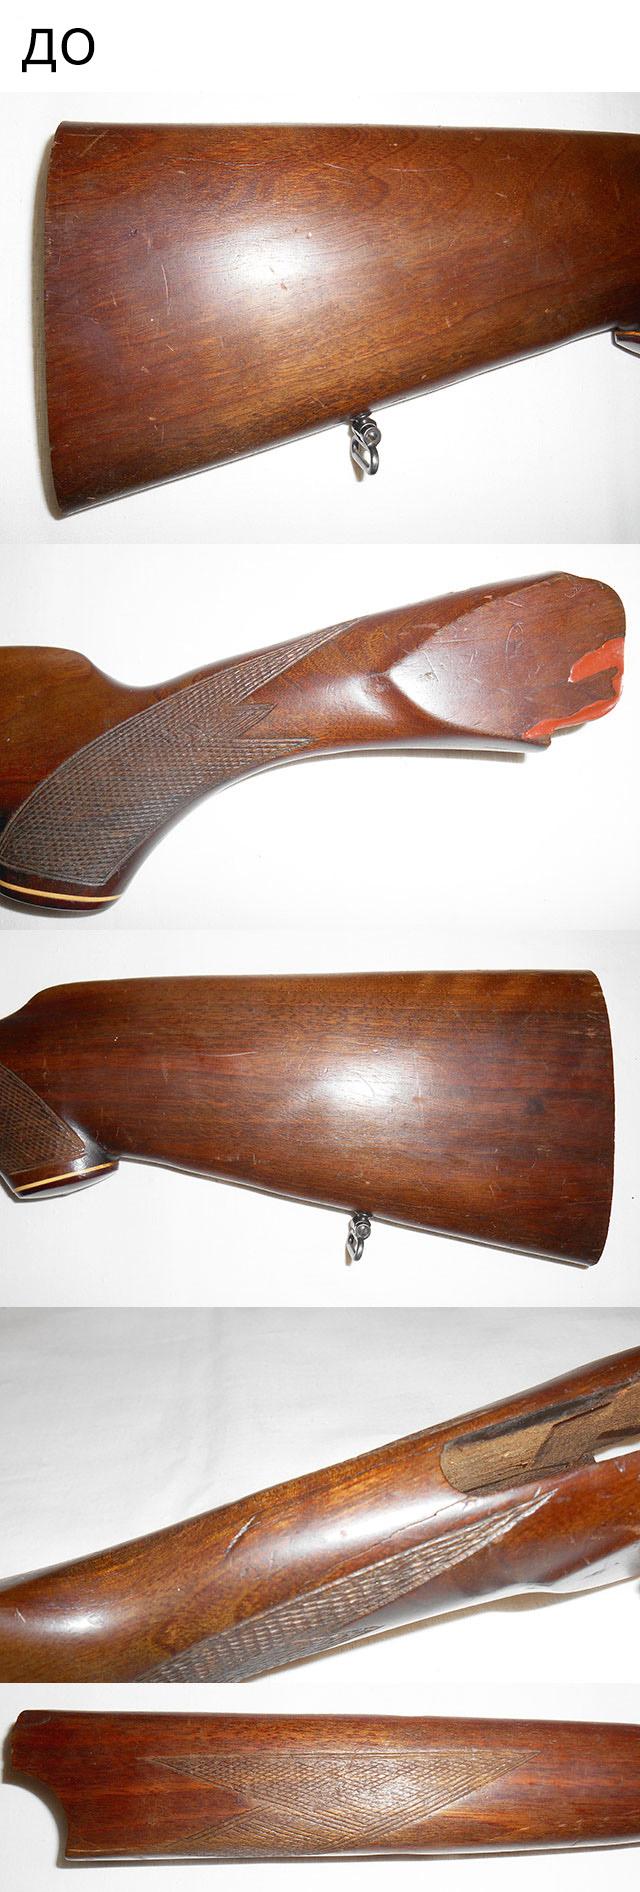 Приклад и цевье ружья ИЖ-12 до реставрации